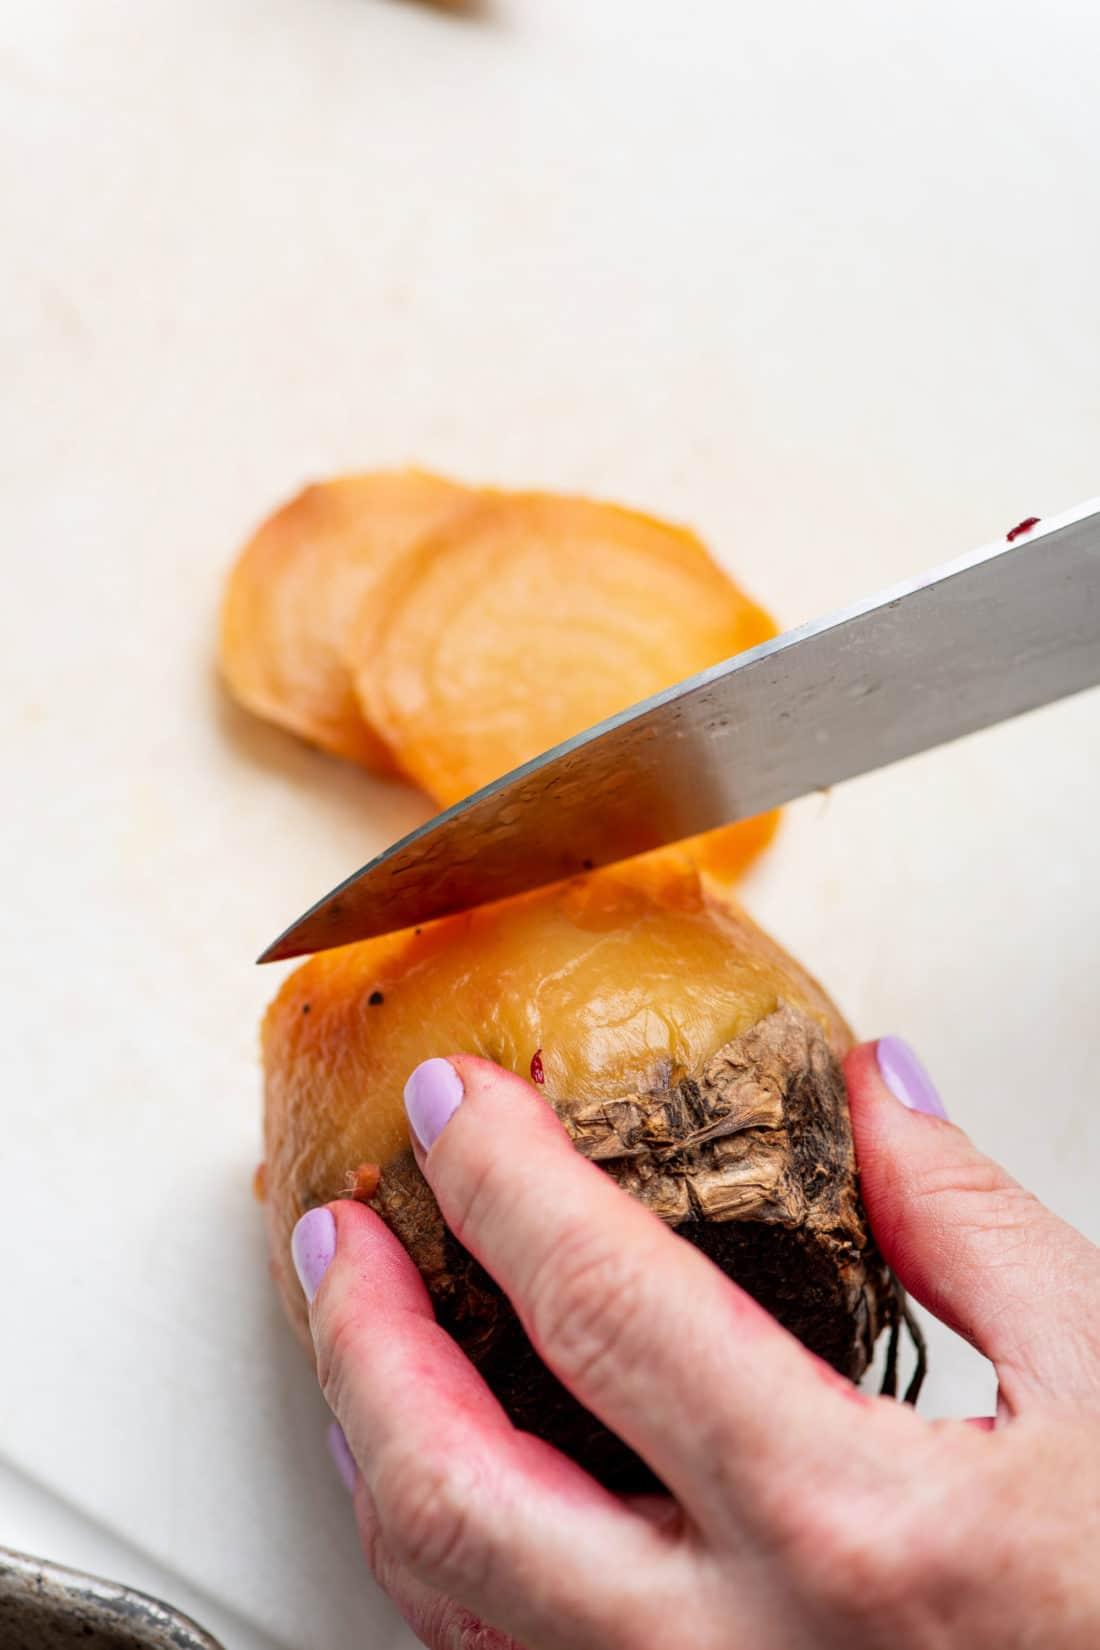 Slicing a golden beet